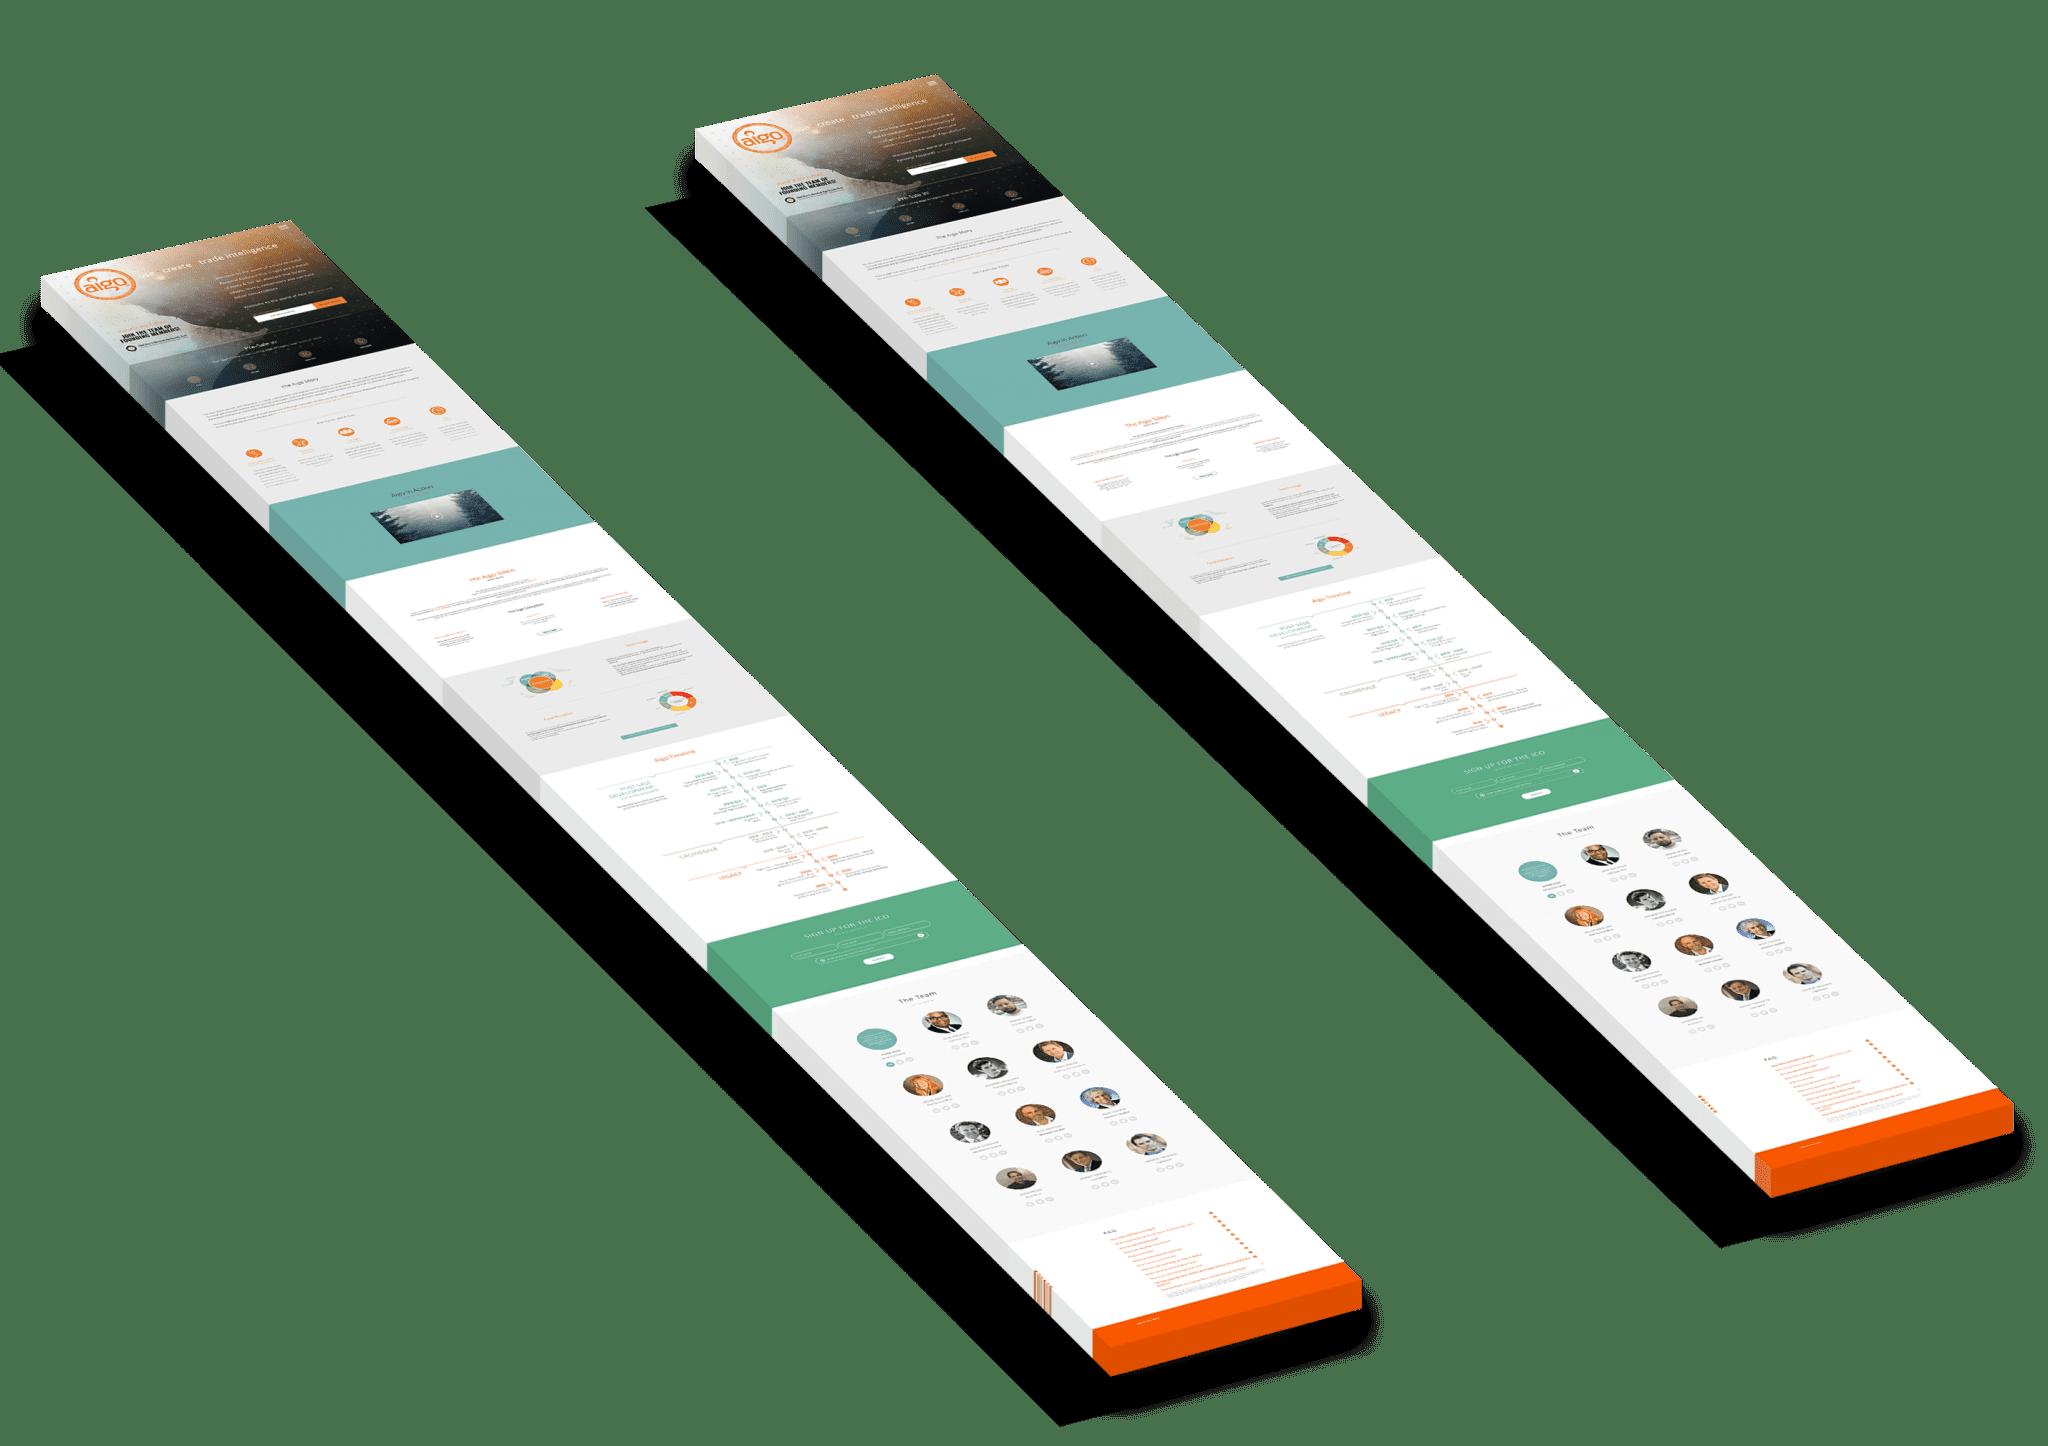 Aigo ICO Token Website Design